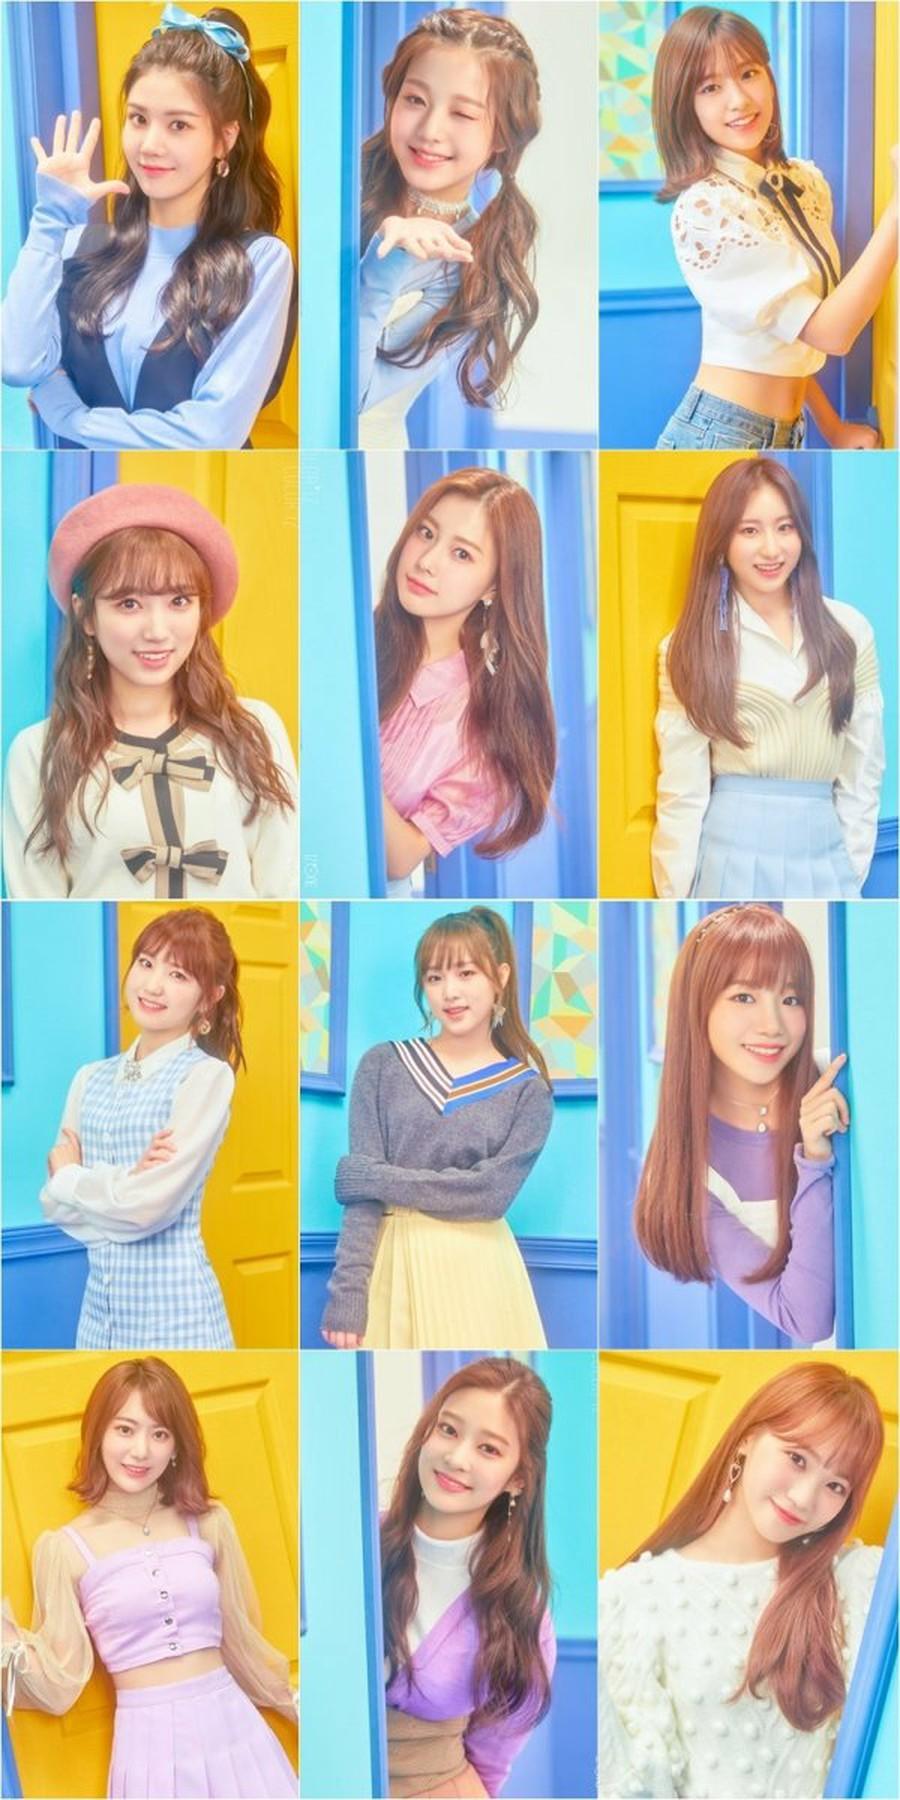 IZONE, MBC variety show